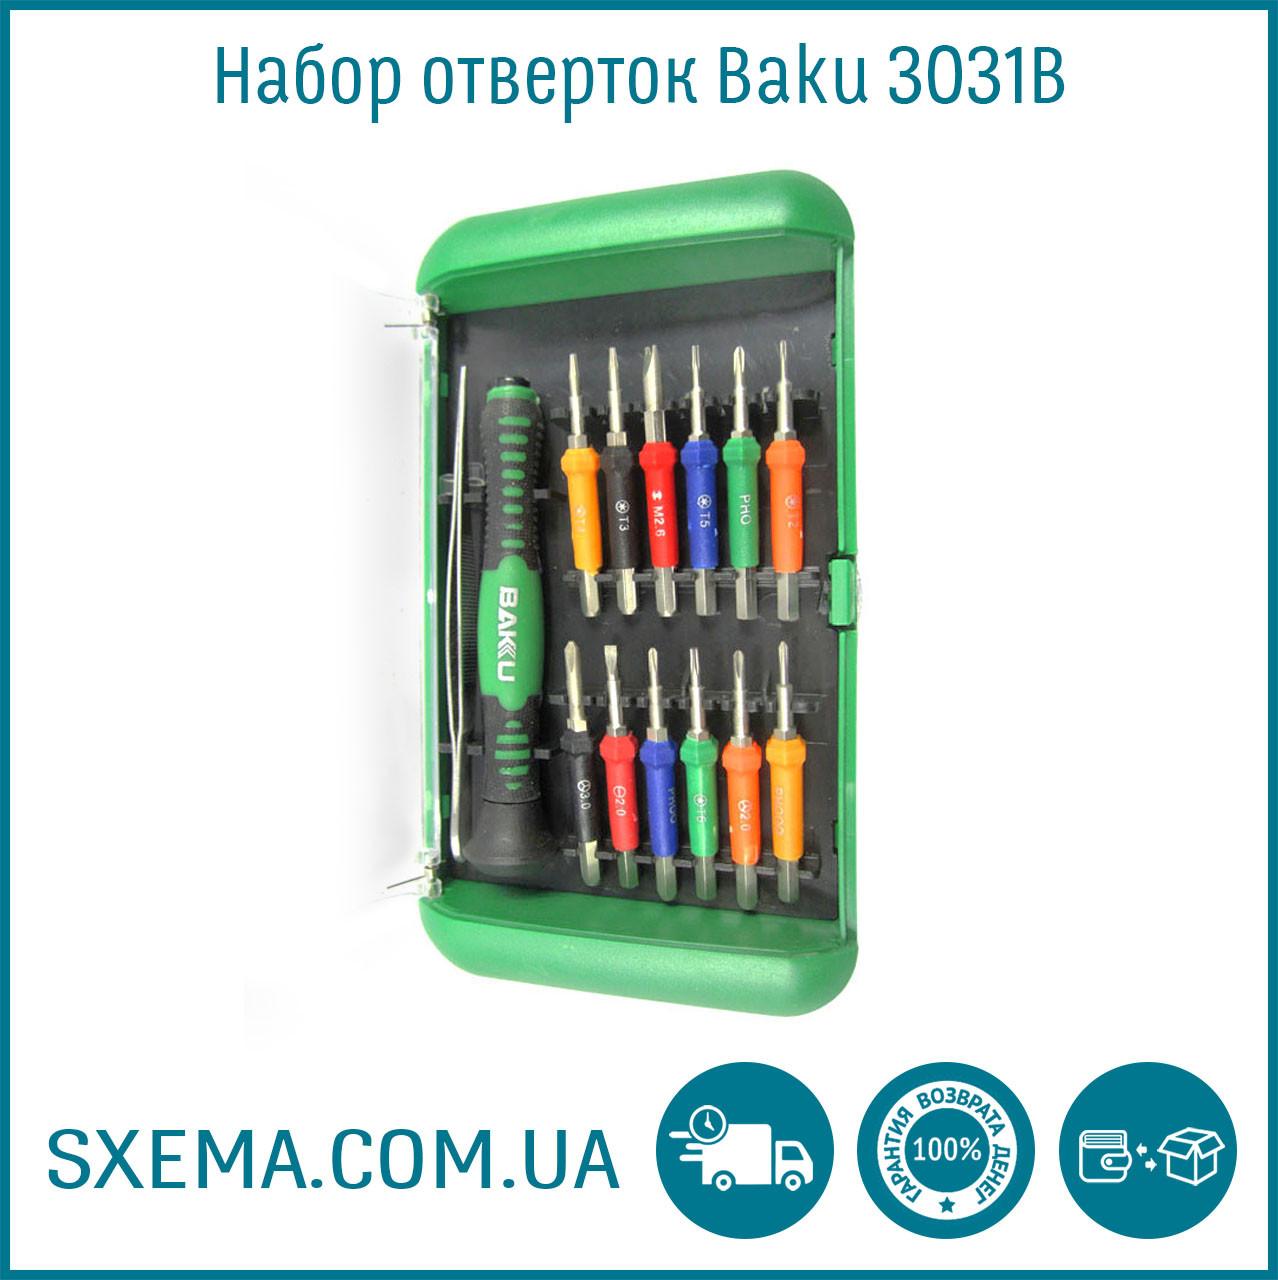 Набор отверток BK-6312 для смартфонов и планшетов